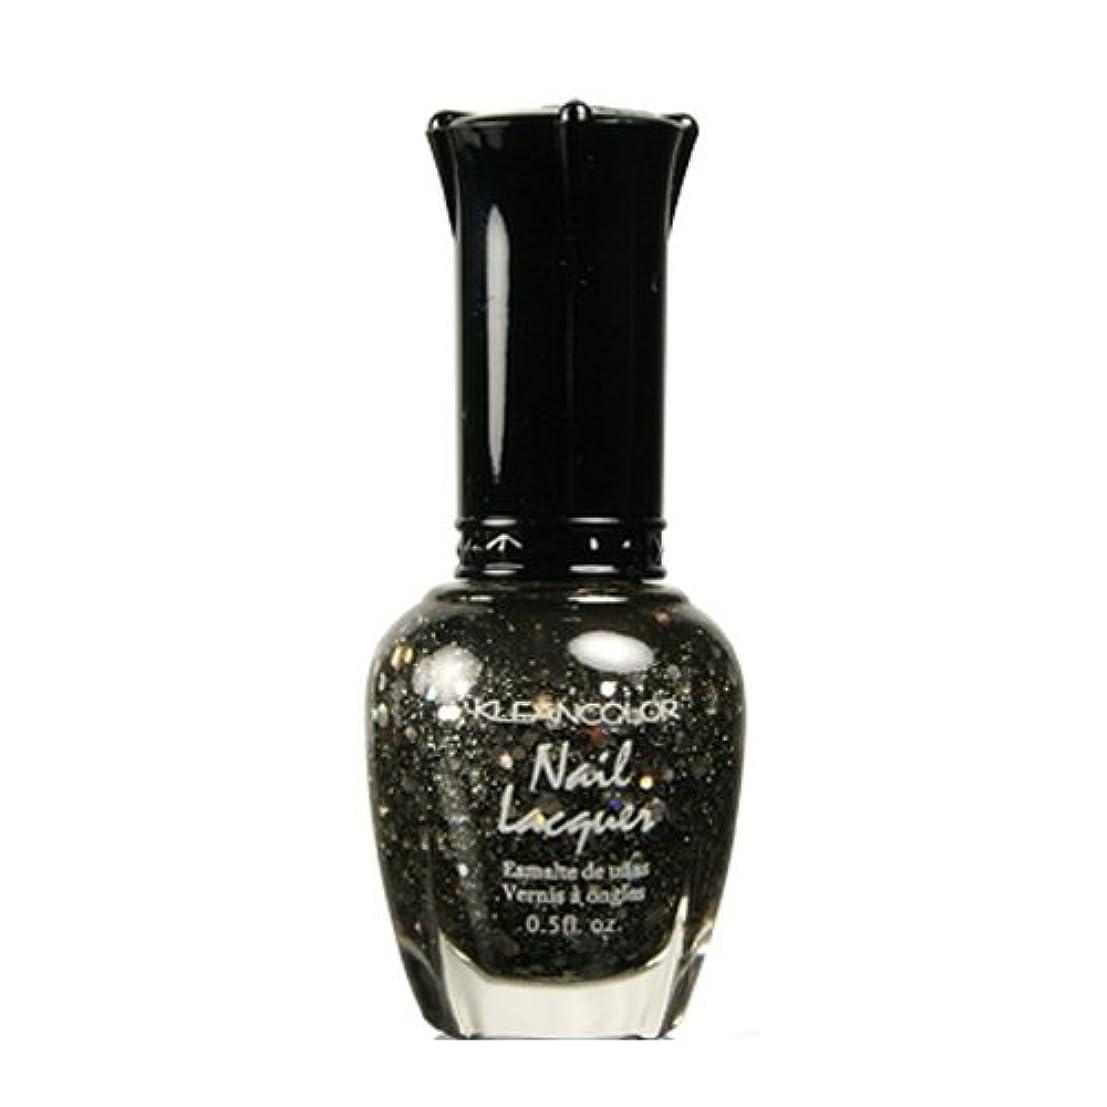 悪性腫瘍先見の明暫定KLEANCOLOR Nail Lacquer 4 - Black Out (並行輸入品)